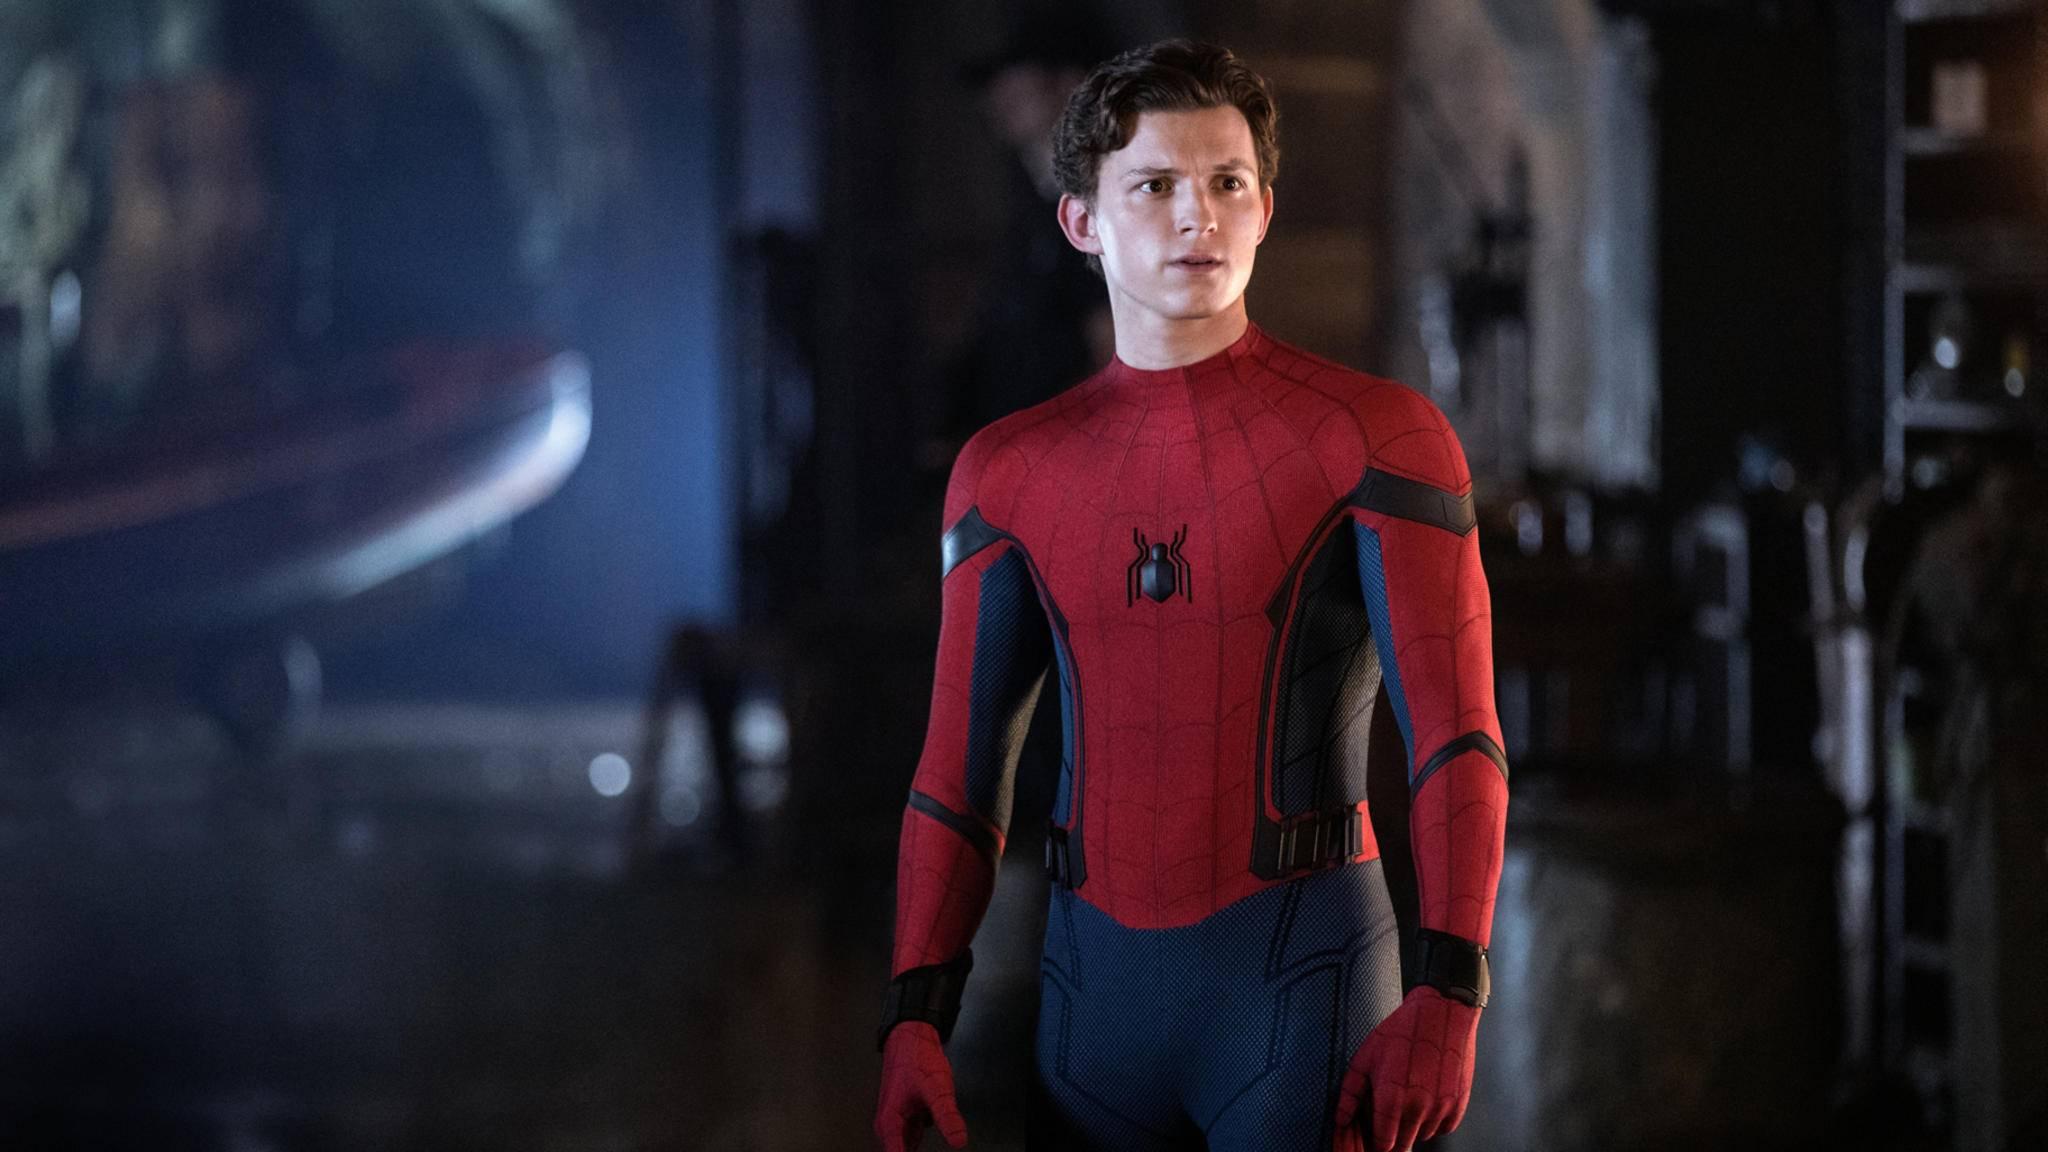 Nicht nur Peter Parker liest entgeistert den Titel des Universums, von dem er ein Teil ist.